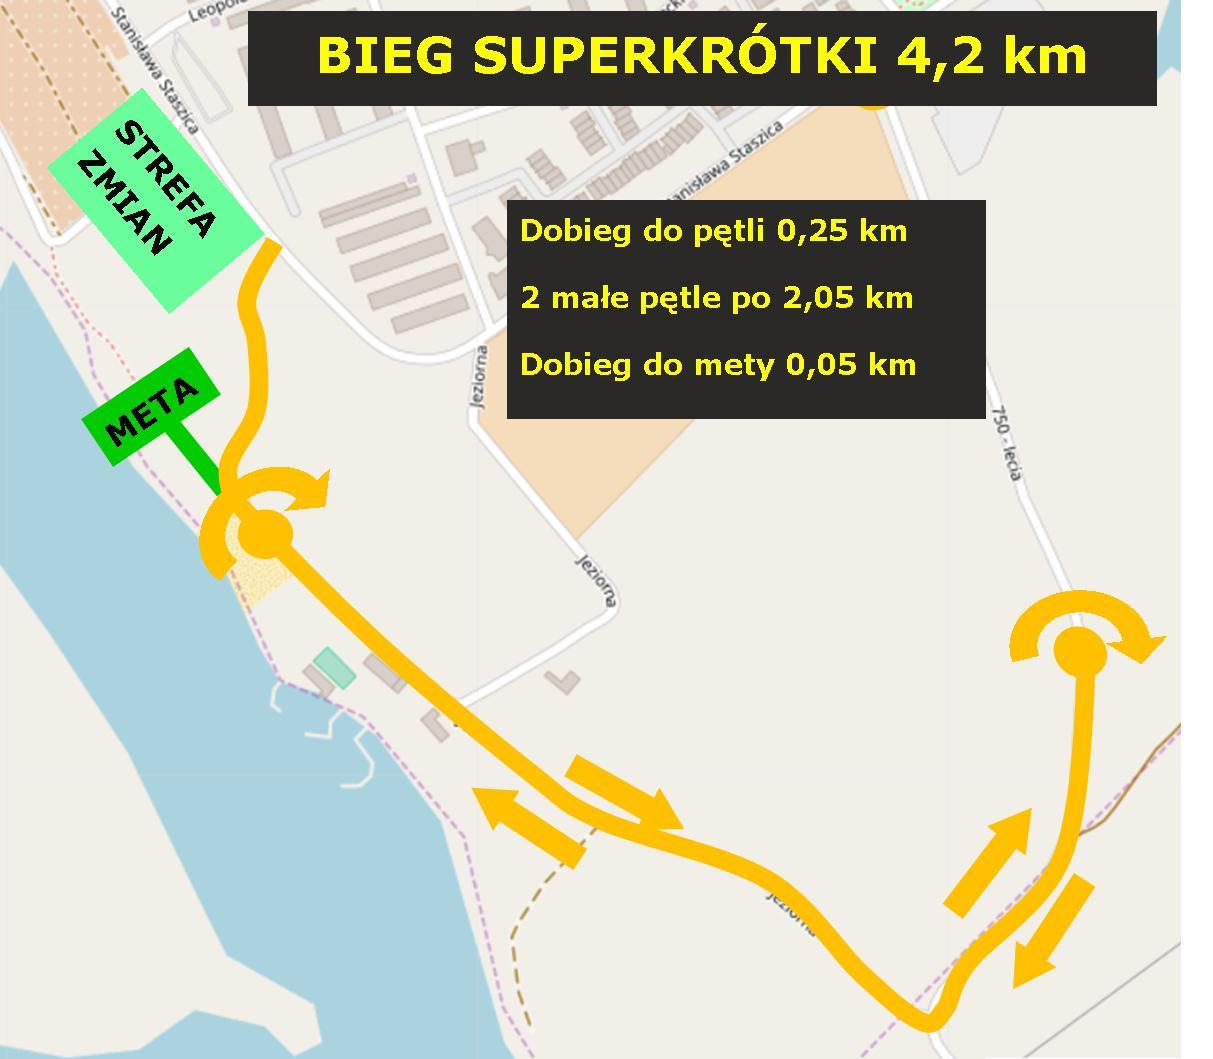 Bieg Superkrótki